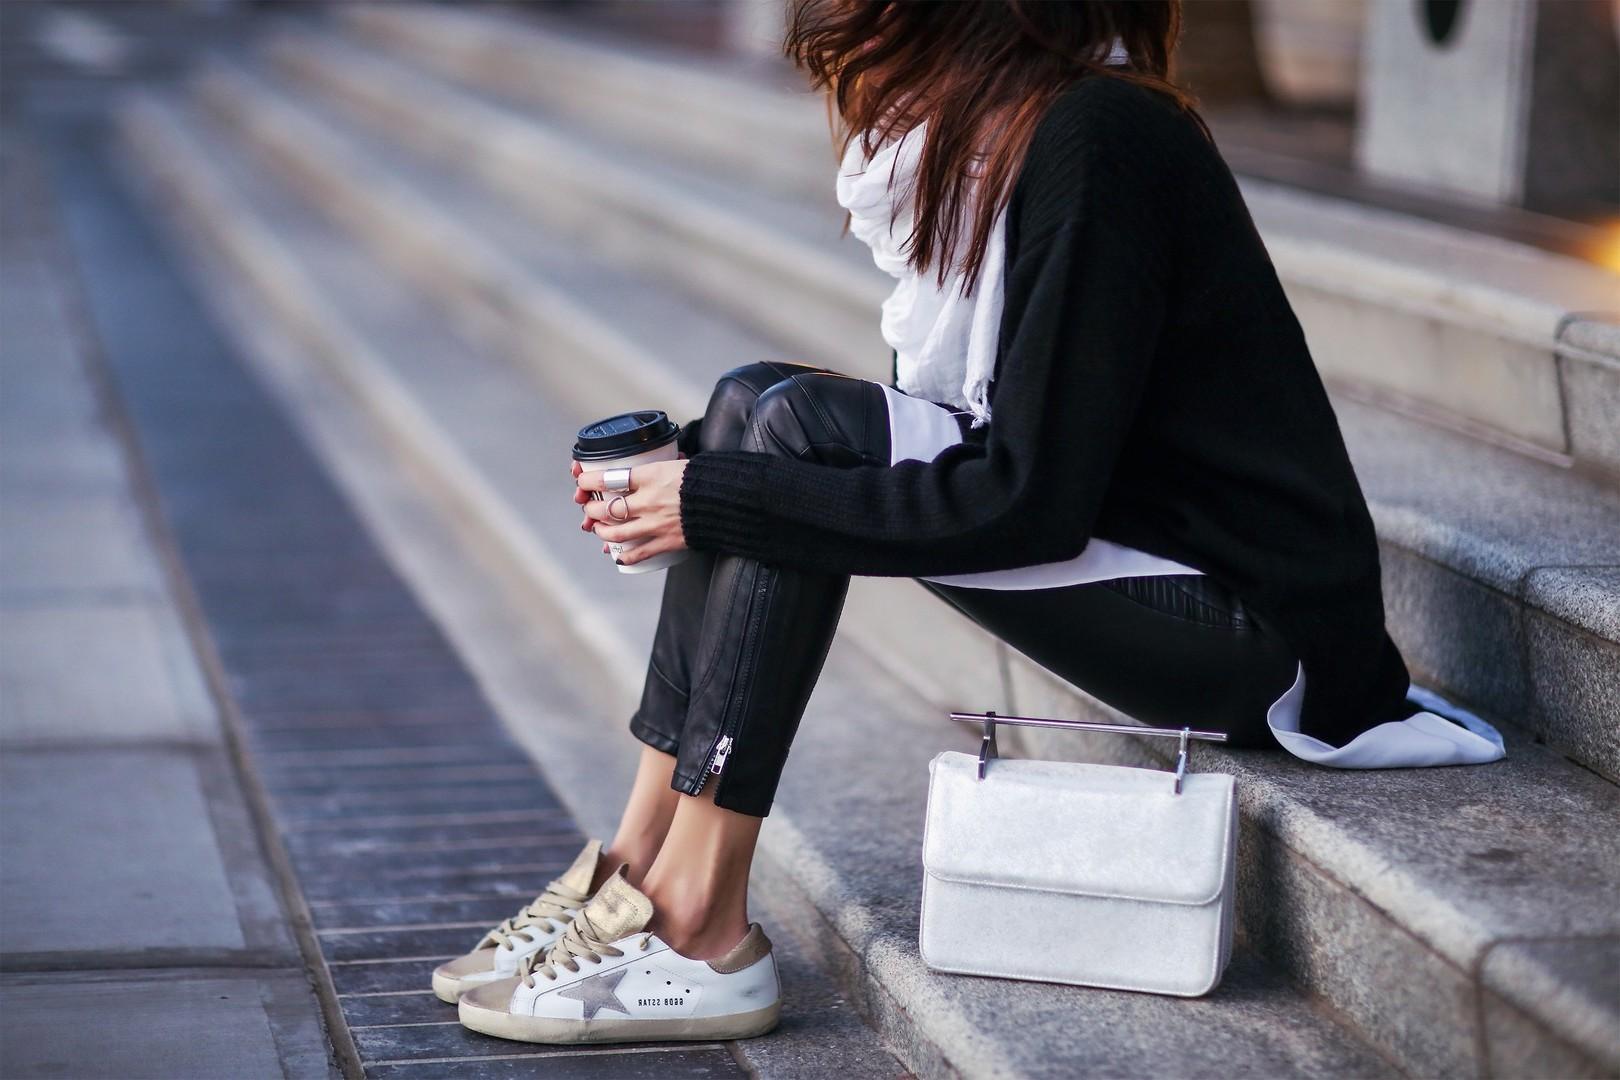 Für die Schwarz-Trägerinnen: Weiße Sneakers setzen einen starken Kontrast